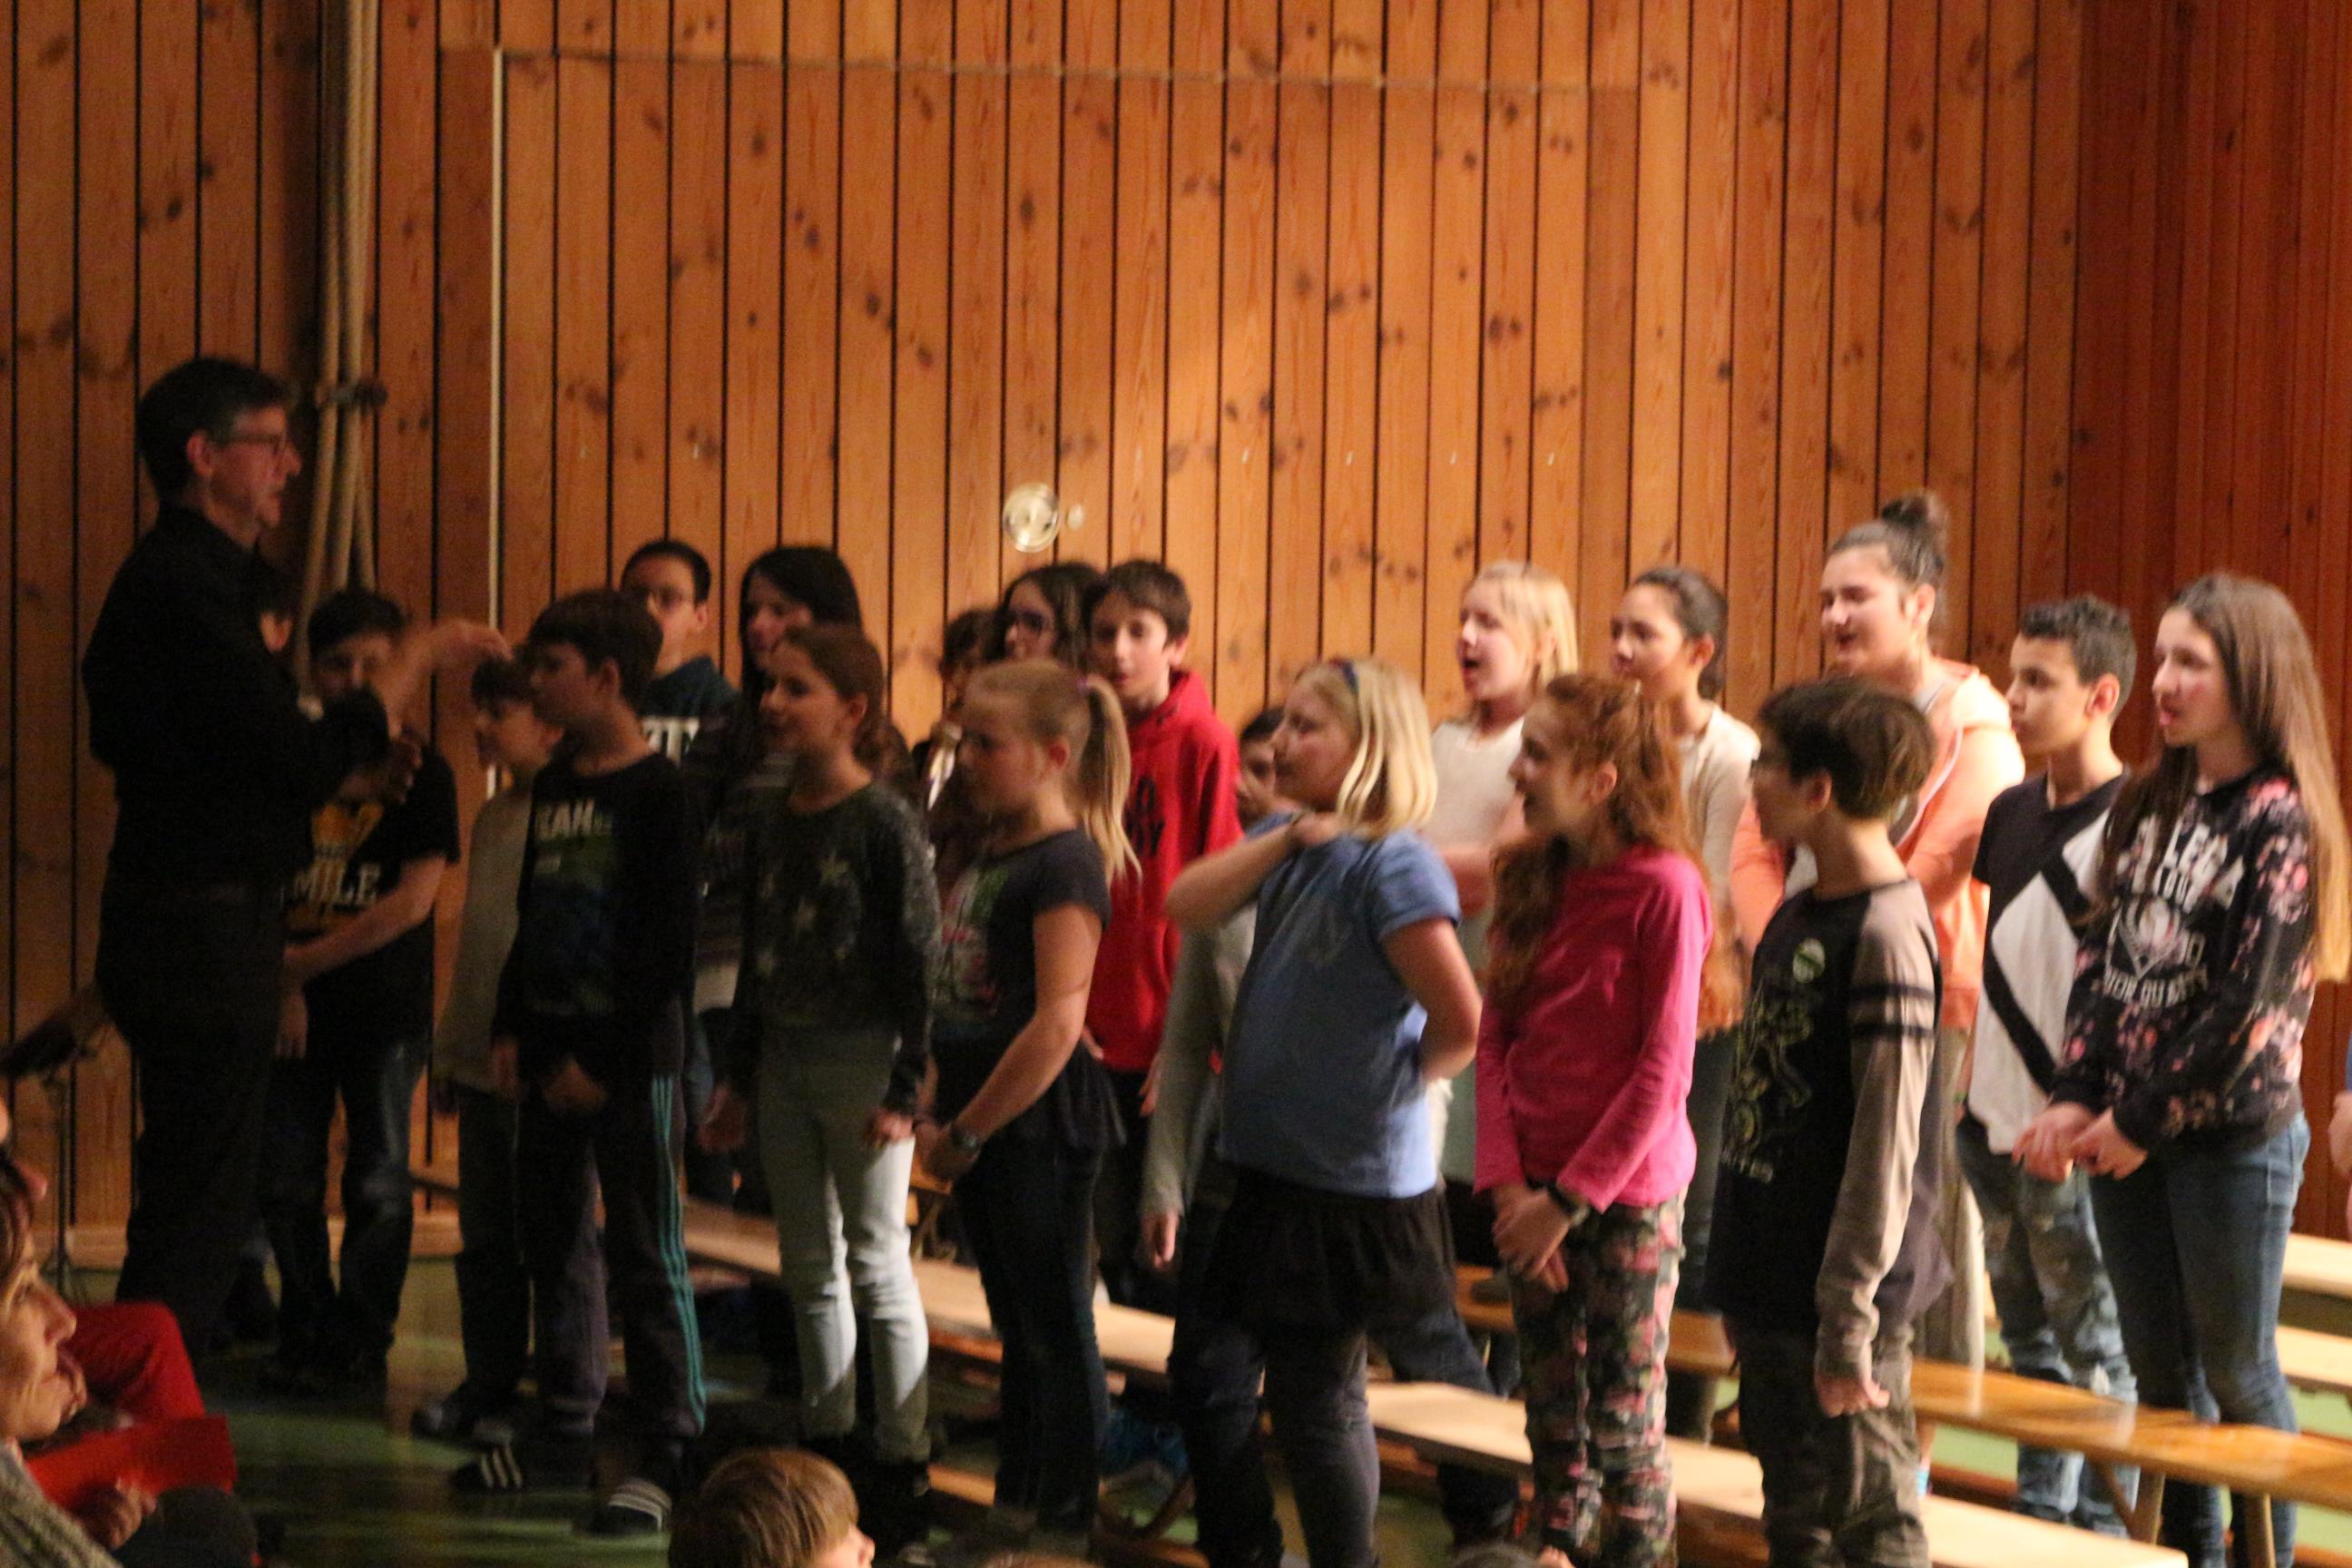 http://primarschule-steinmaur.ch/wp-content/uploads/2018/03/IMG_8236-Copy.jpg